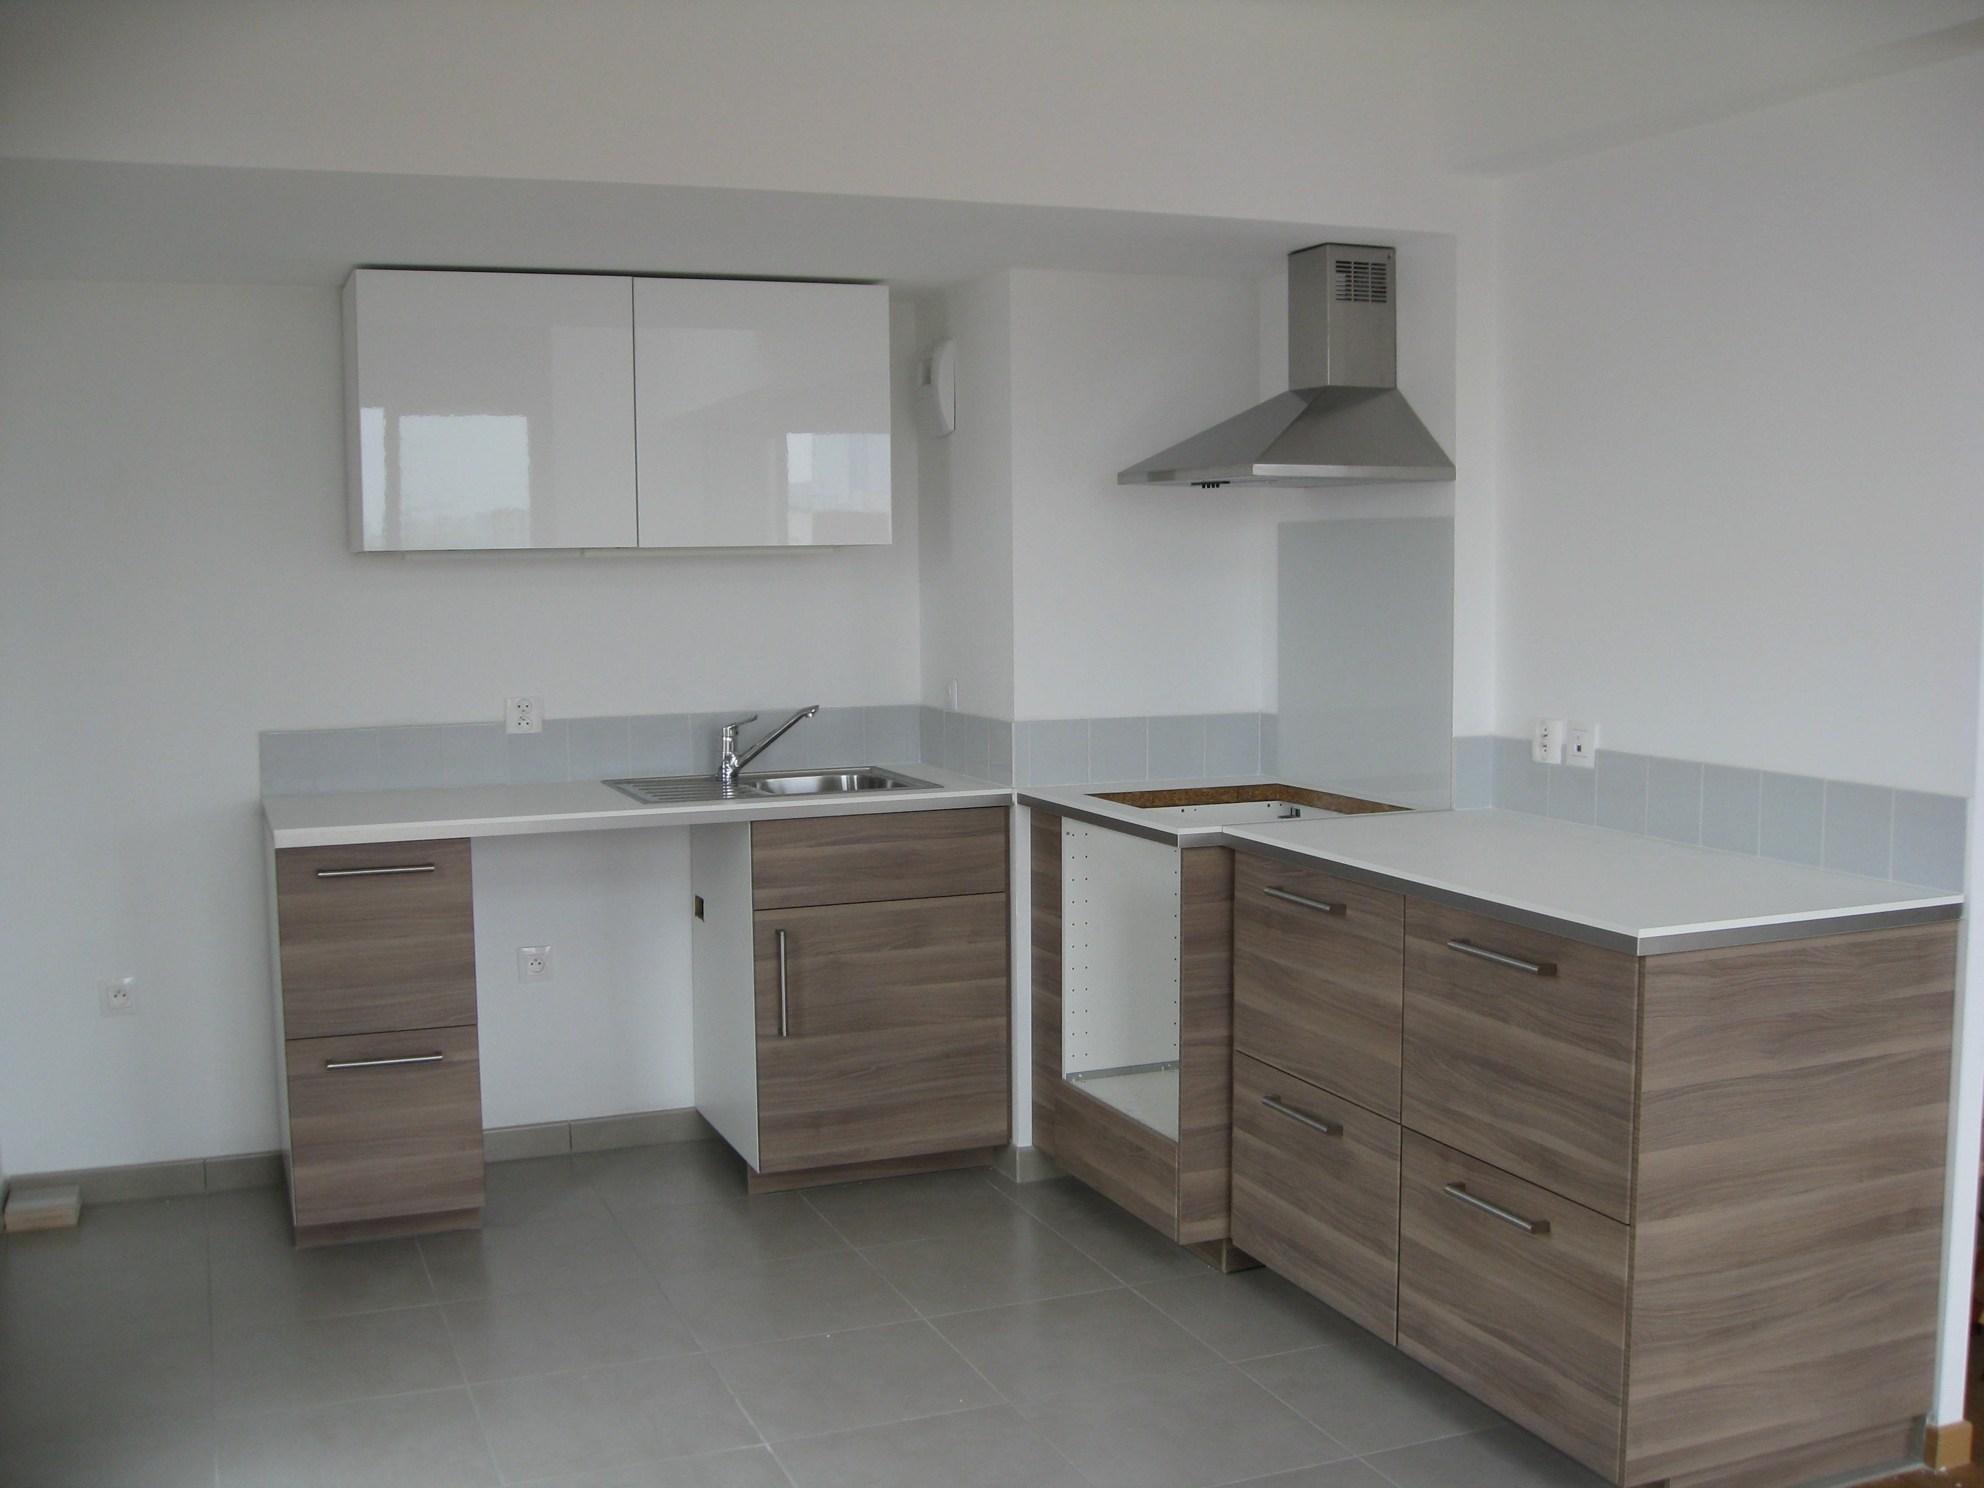 meuble de cuisine en kit ikea maison et mobilier d 39 int rieur. Black Bedroom Furniture Sets. Home Design Ideas